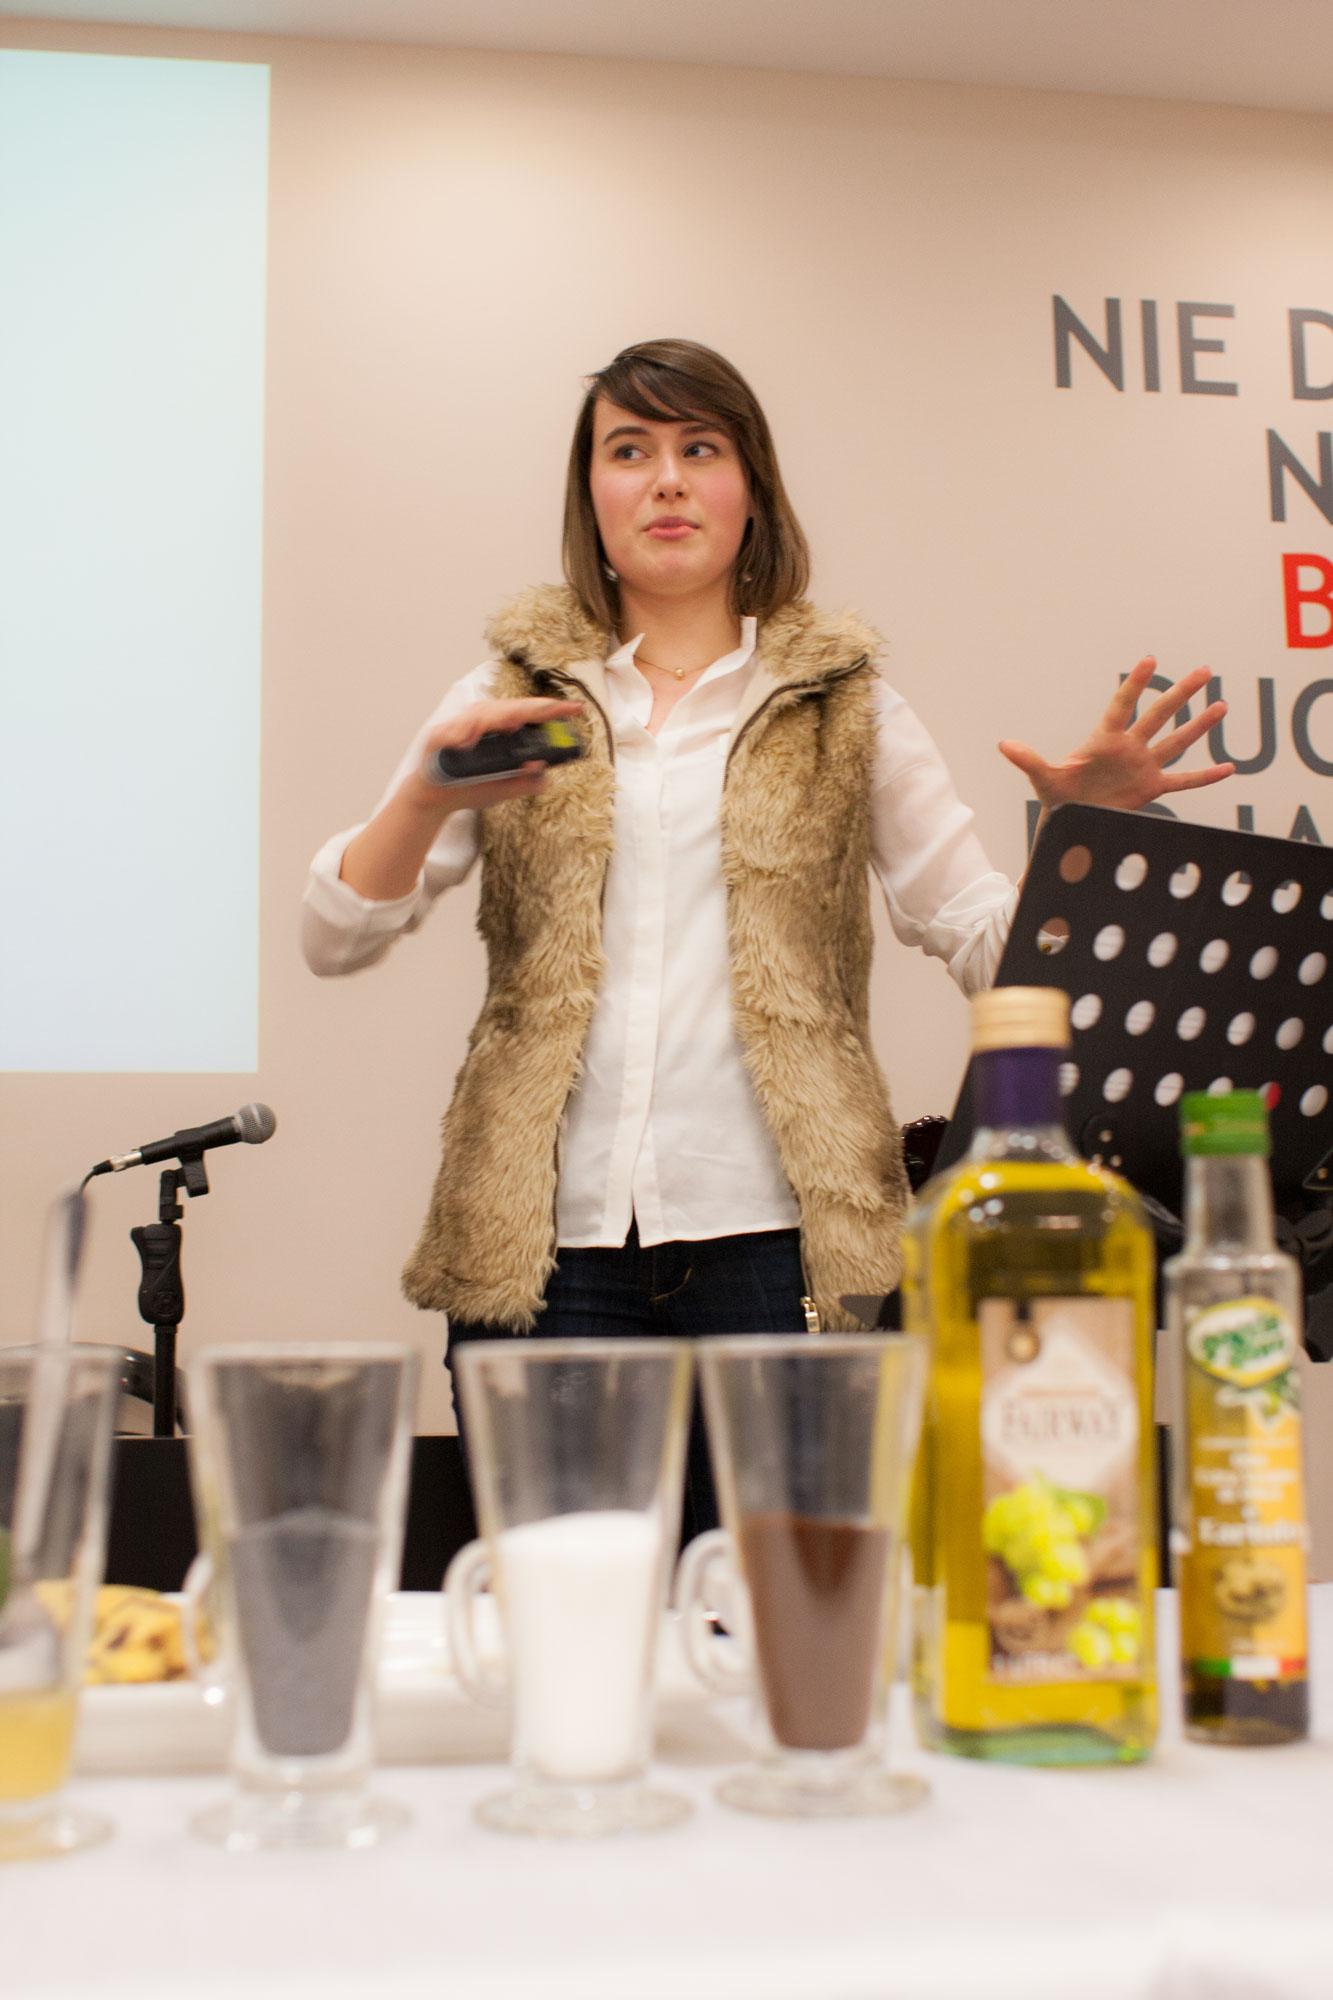 ania poleca wiele maseczek i peelingów, a można je znaleźć na stronach www: -   www.alinarose.pl/p/ pielegnacja-cery.html  -  www.anwen.pl  -   www.ekocentryczka.blogspot .com  -  www.blog.e-naturalnie.pl